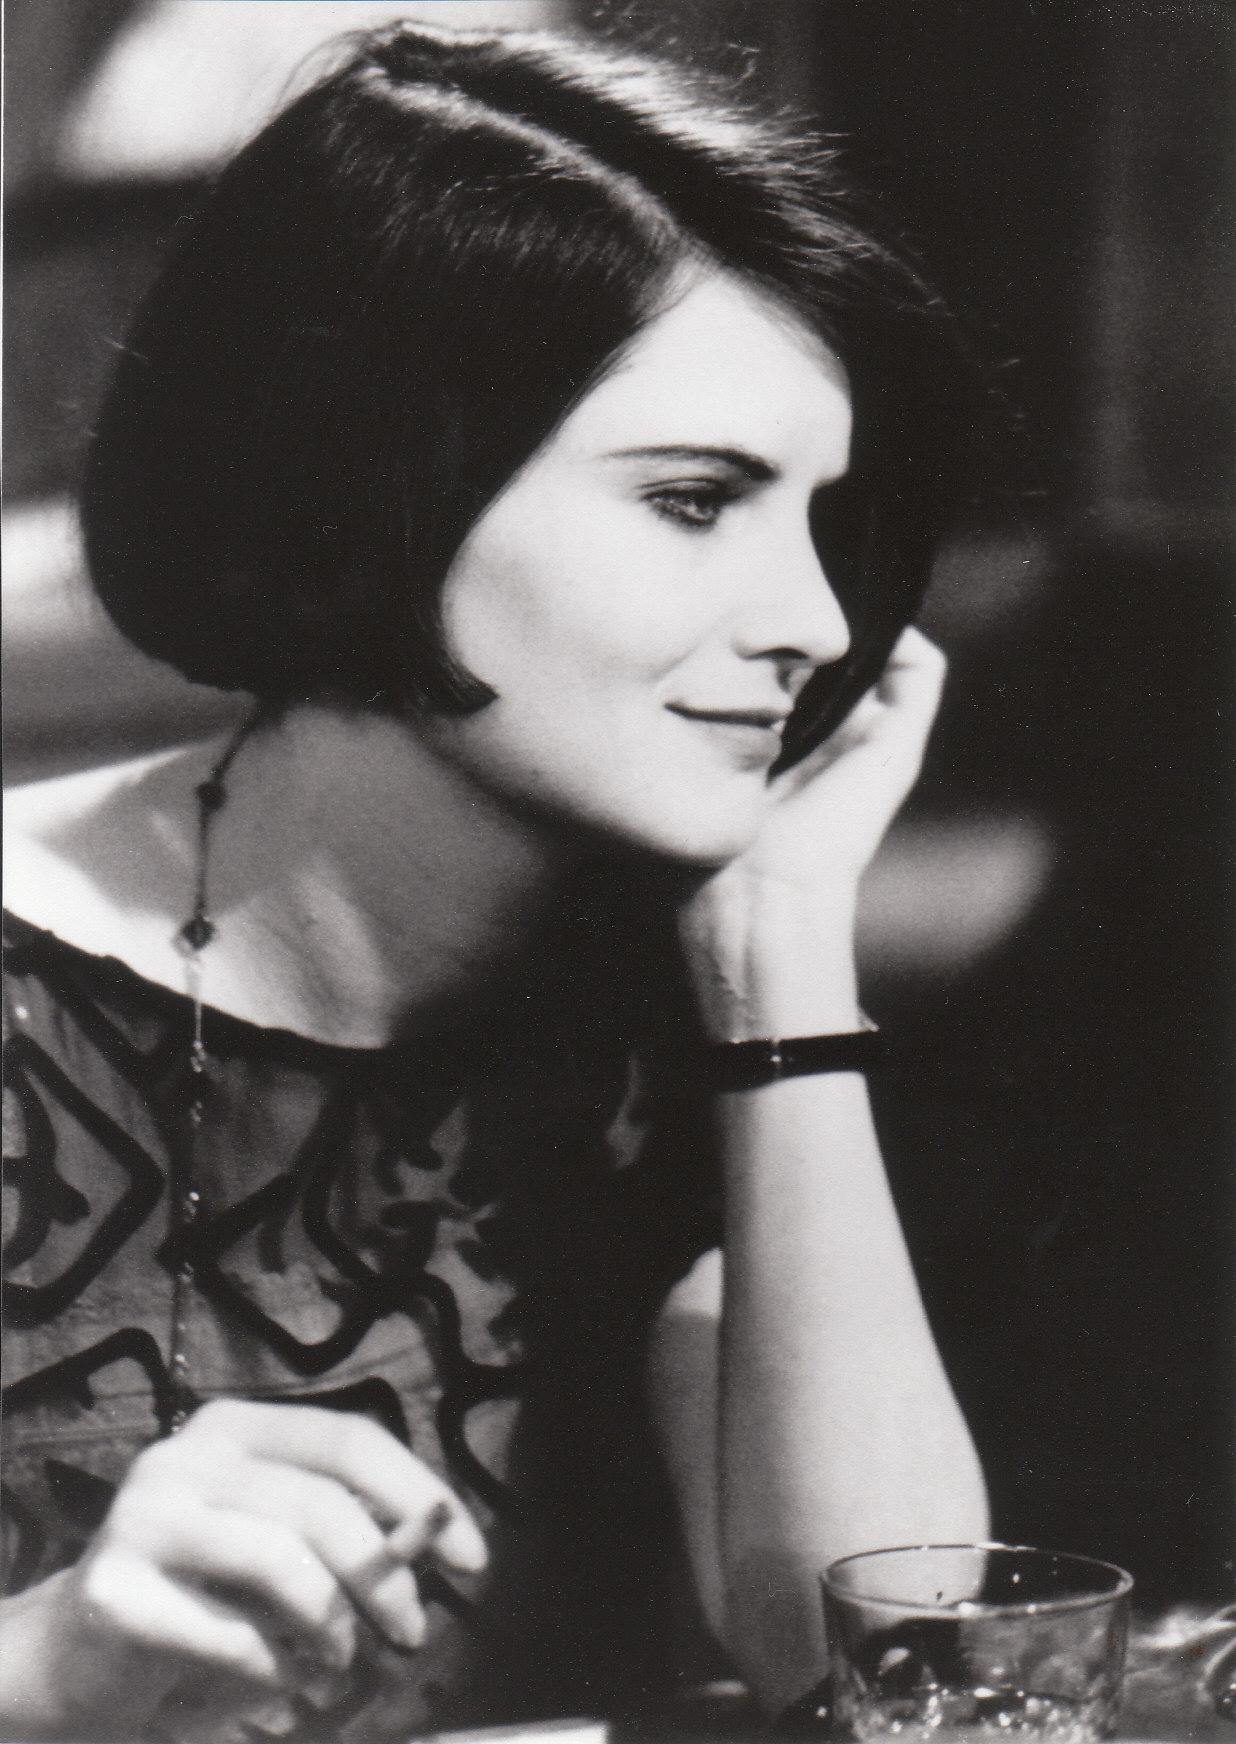 Dorothy Parker photo #4625, Dorothy Parker image